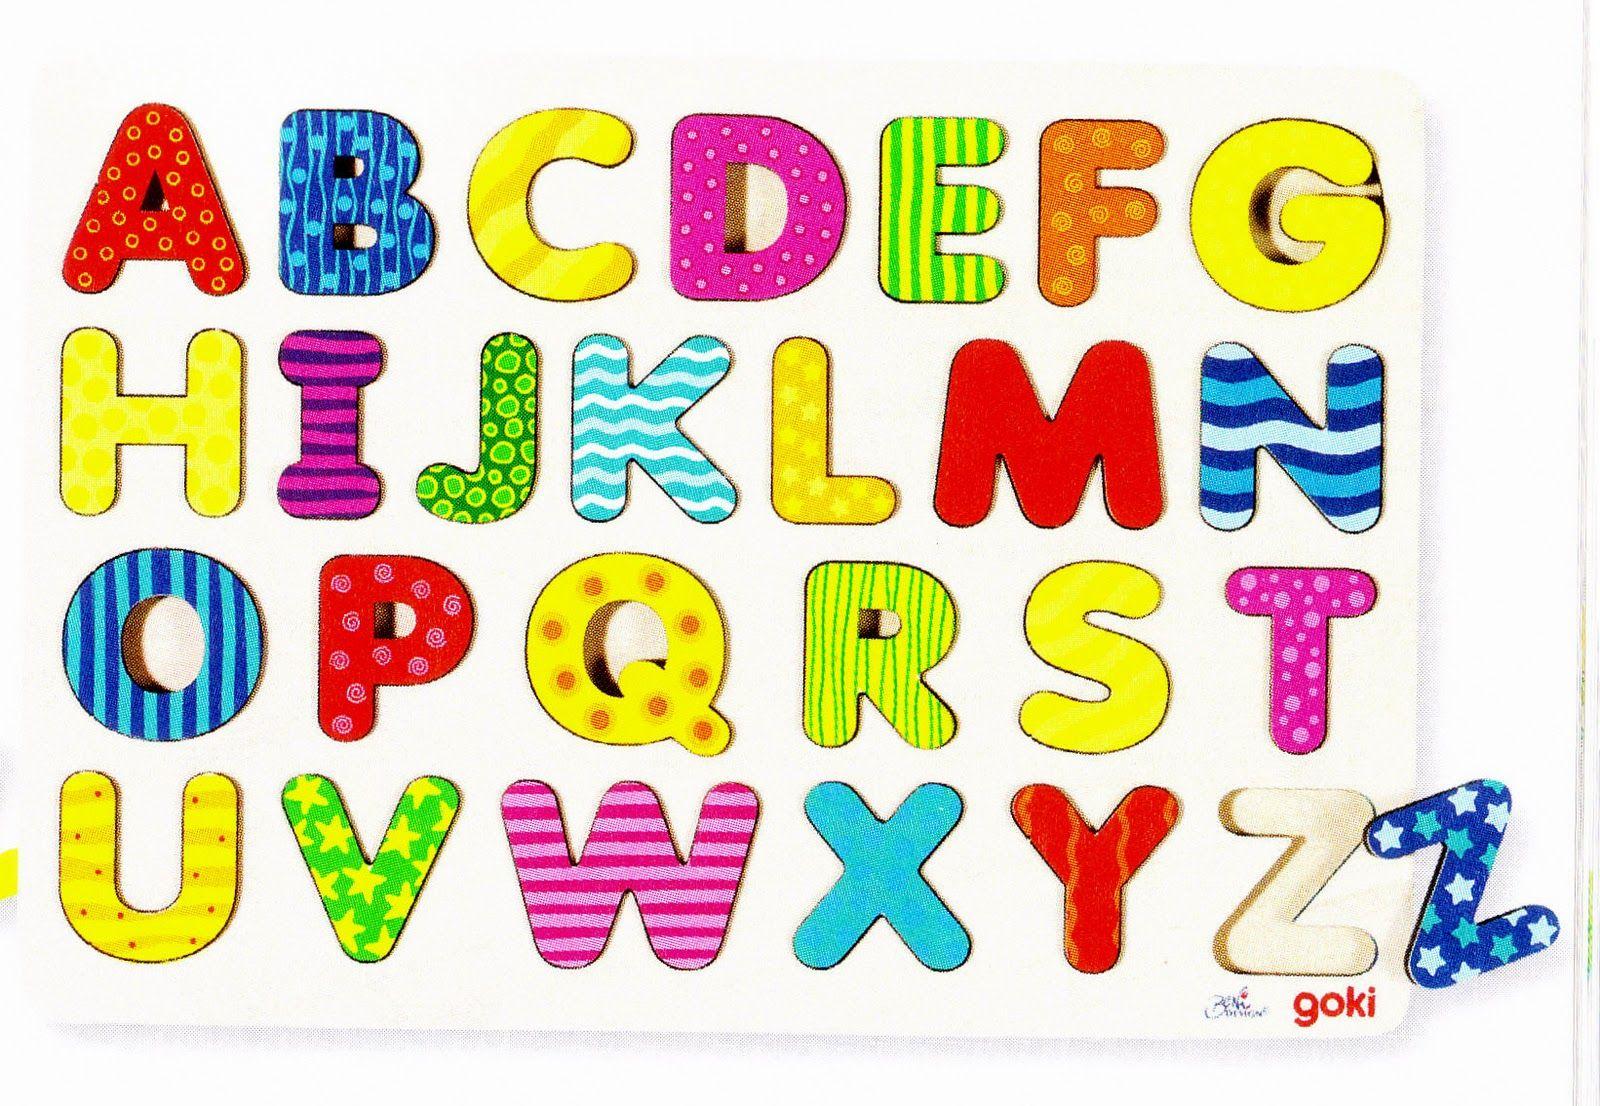 Moldes De Letras Para Imprimir Coloridos Moldes De Letras